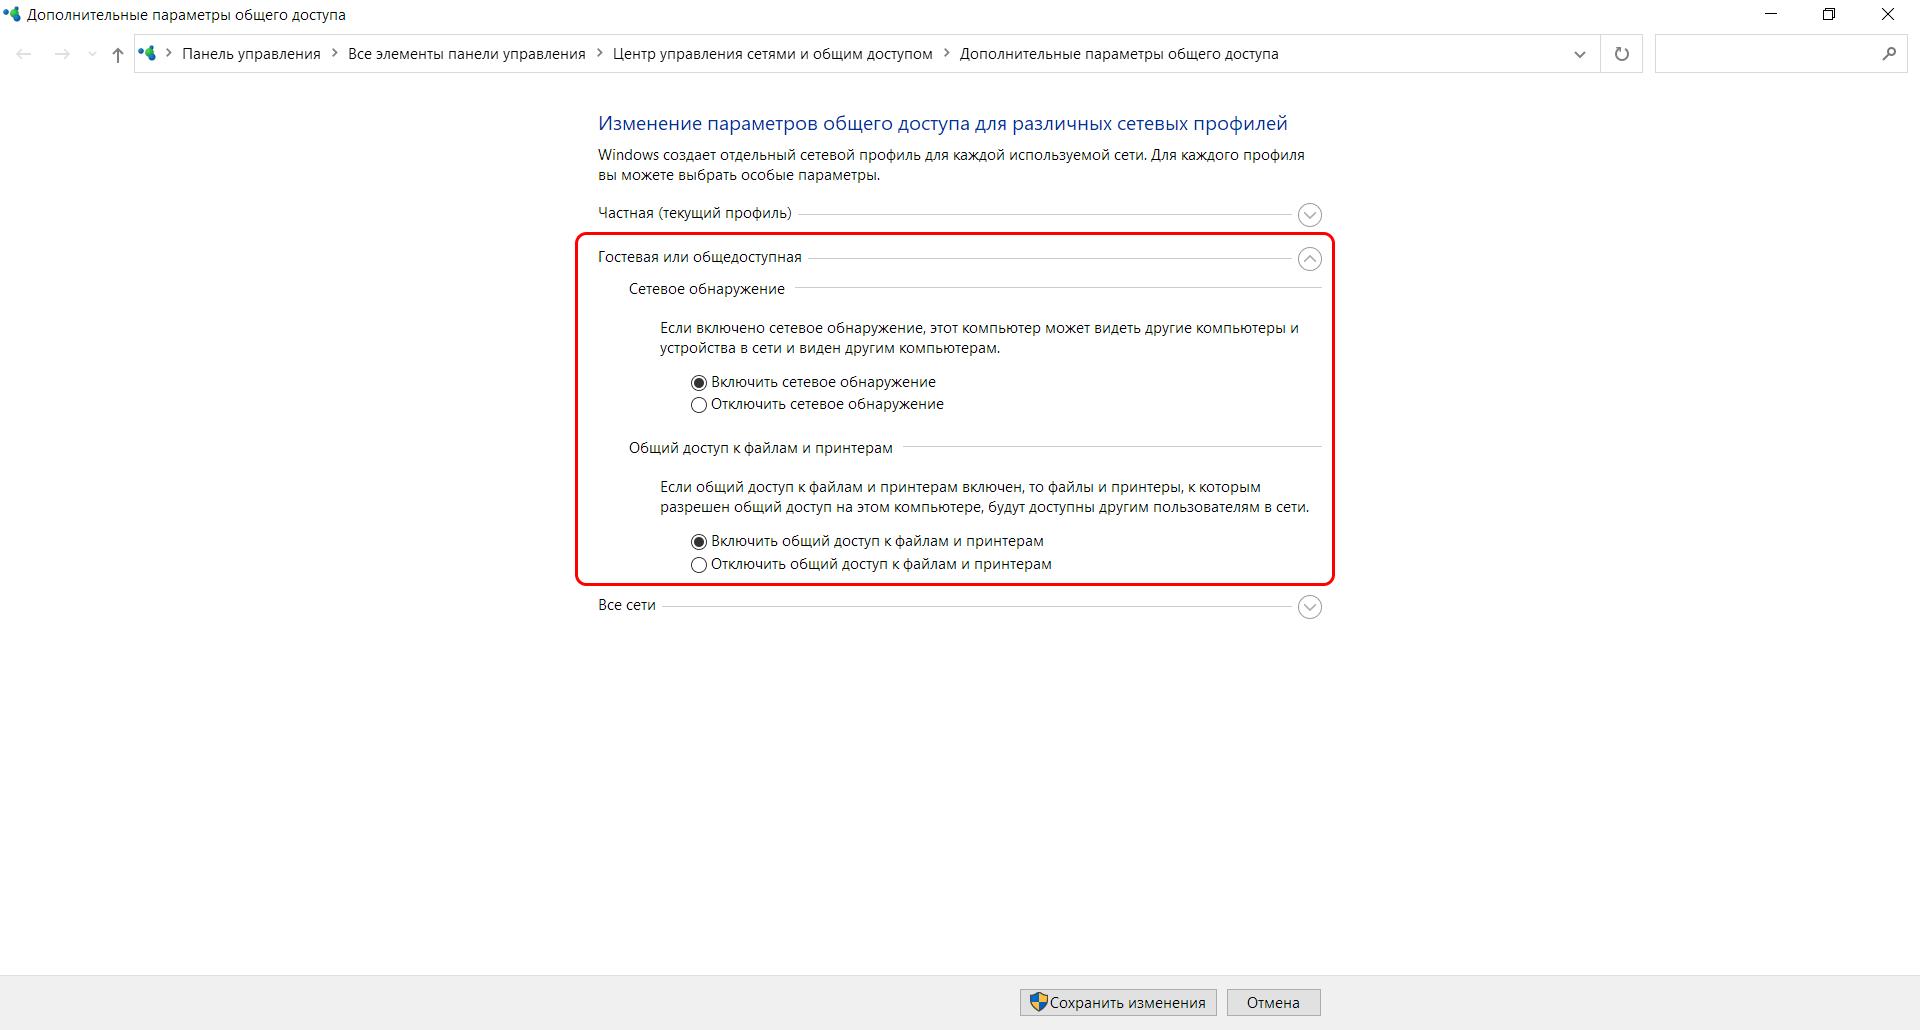 Настройка параметров общего доступа в Windows 10